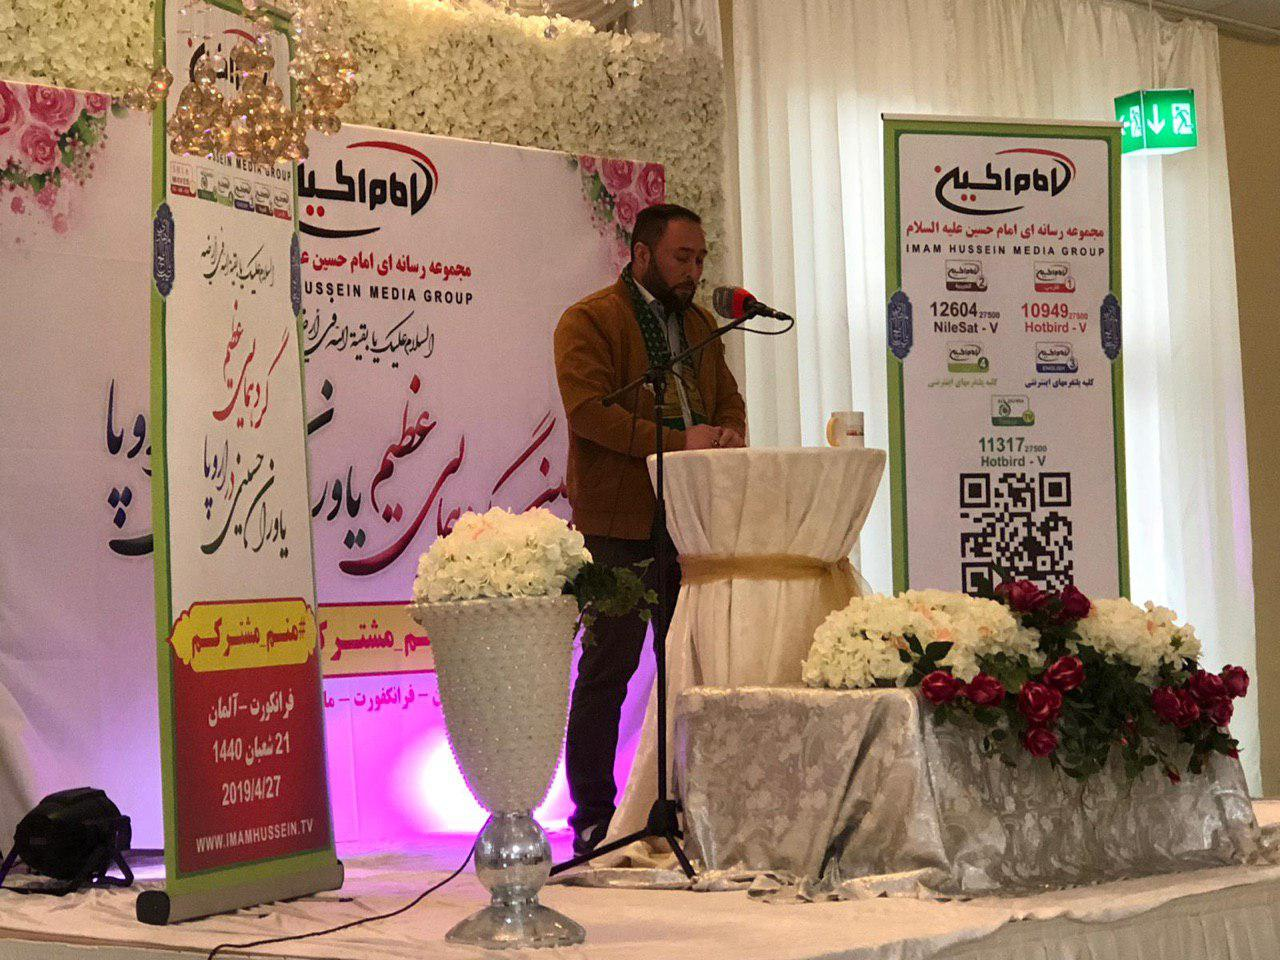 تصویر برگزاری اولين گردهمايى بزرگ یاوران حسینی در اروپا در حمایت مادی از مجموعه رسانه ای امام حسین علیه السلام